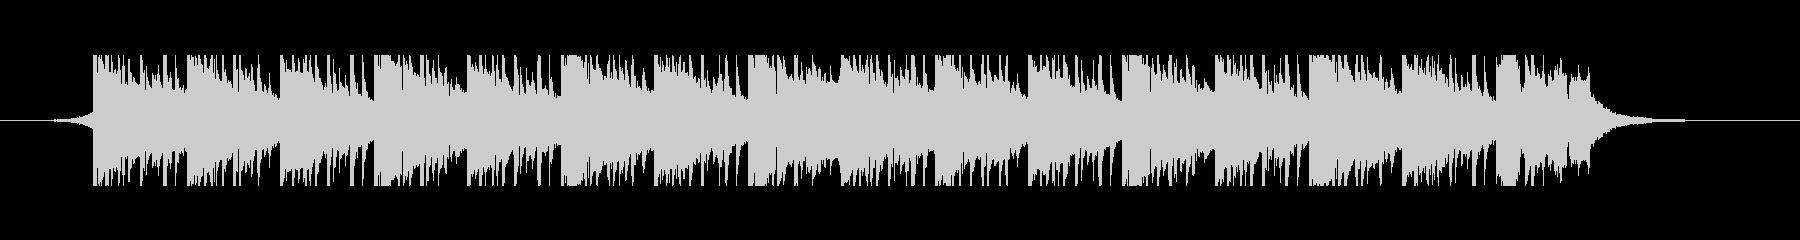 医療音楽(45秒)の未再生の波形